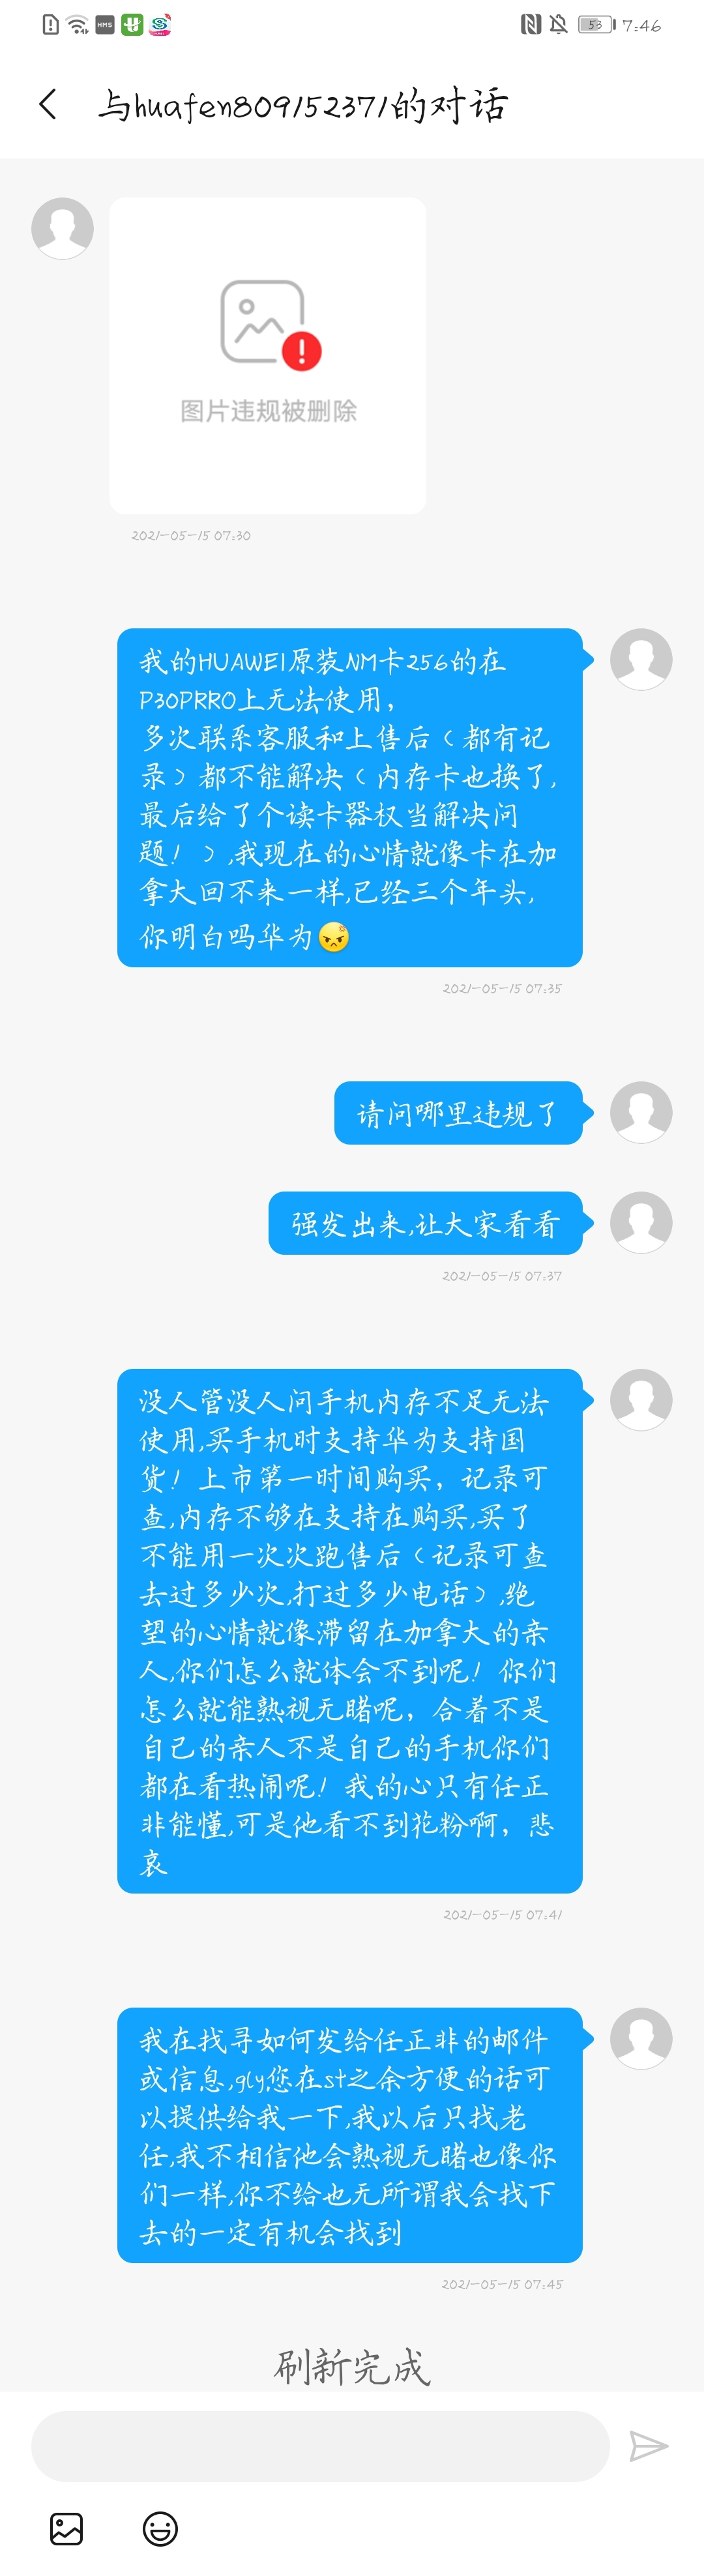 Screenshot_20210515_074600_com.huawei.fans.jpg